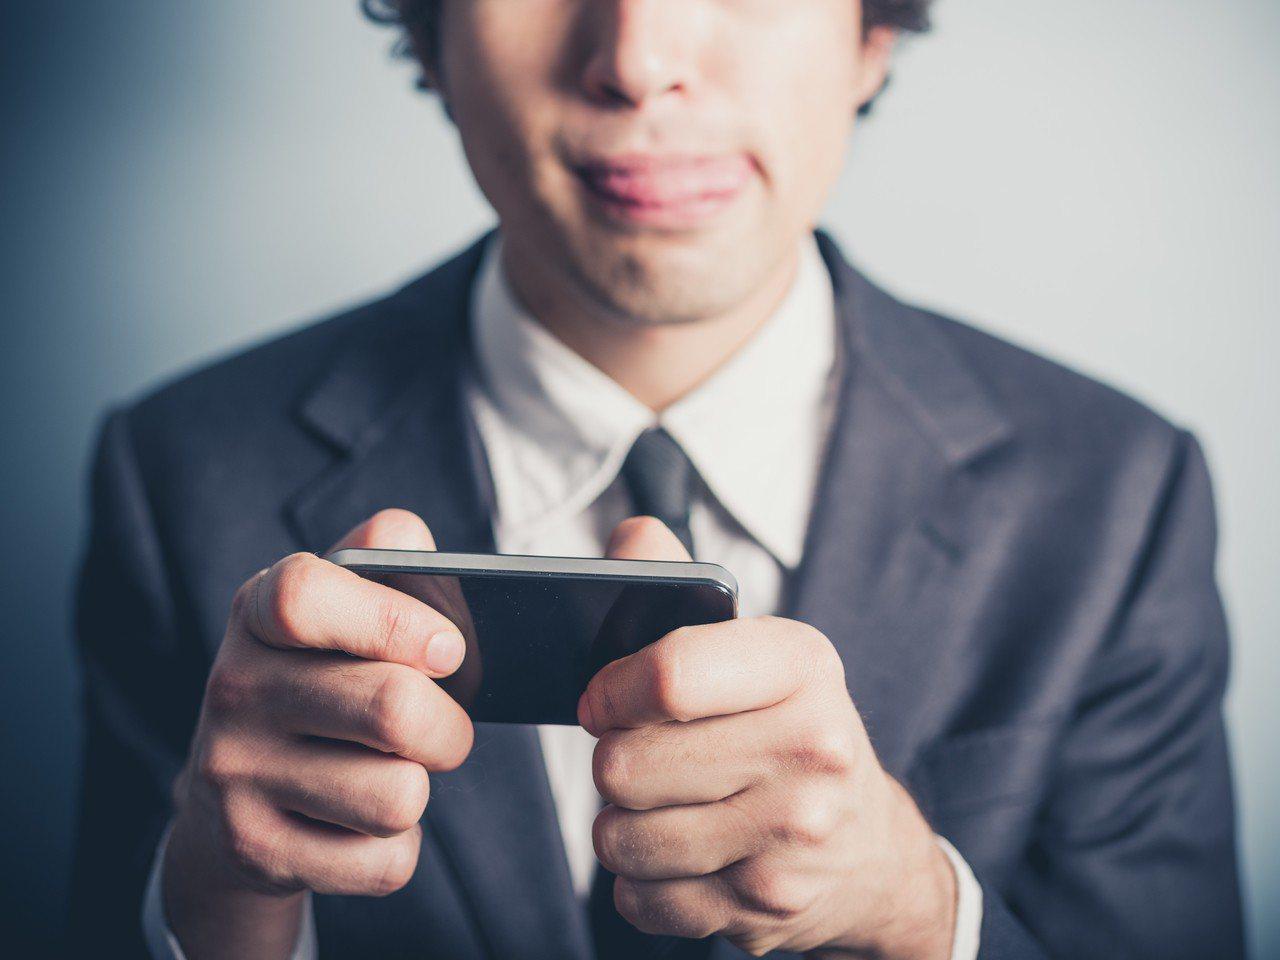 手機綁定電信帳單付費玩遊戲很方便,家長需多留意,示意圖與新聞當事人無關。圖/in...